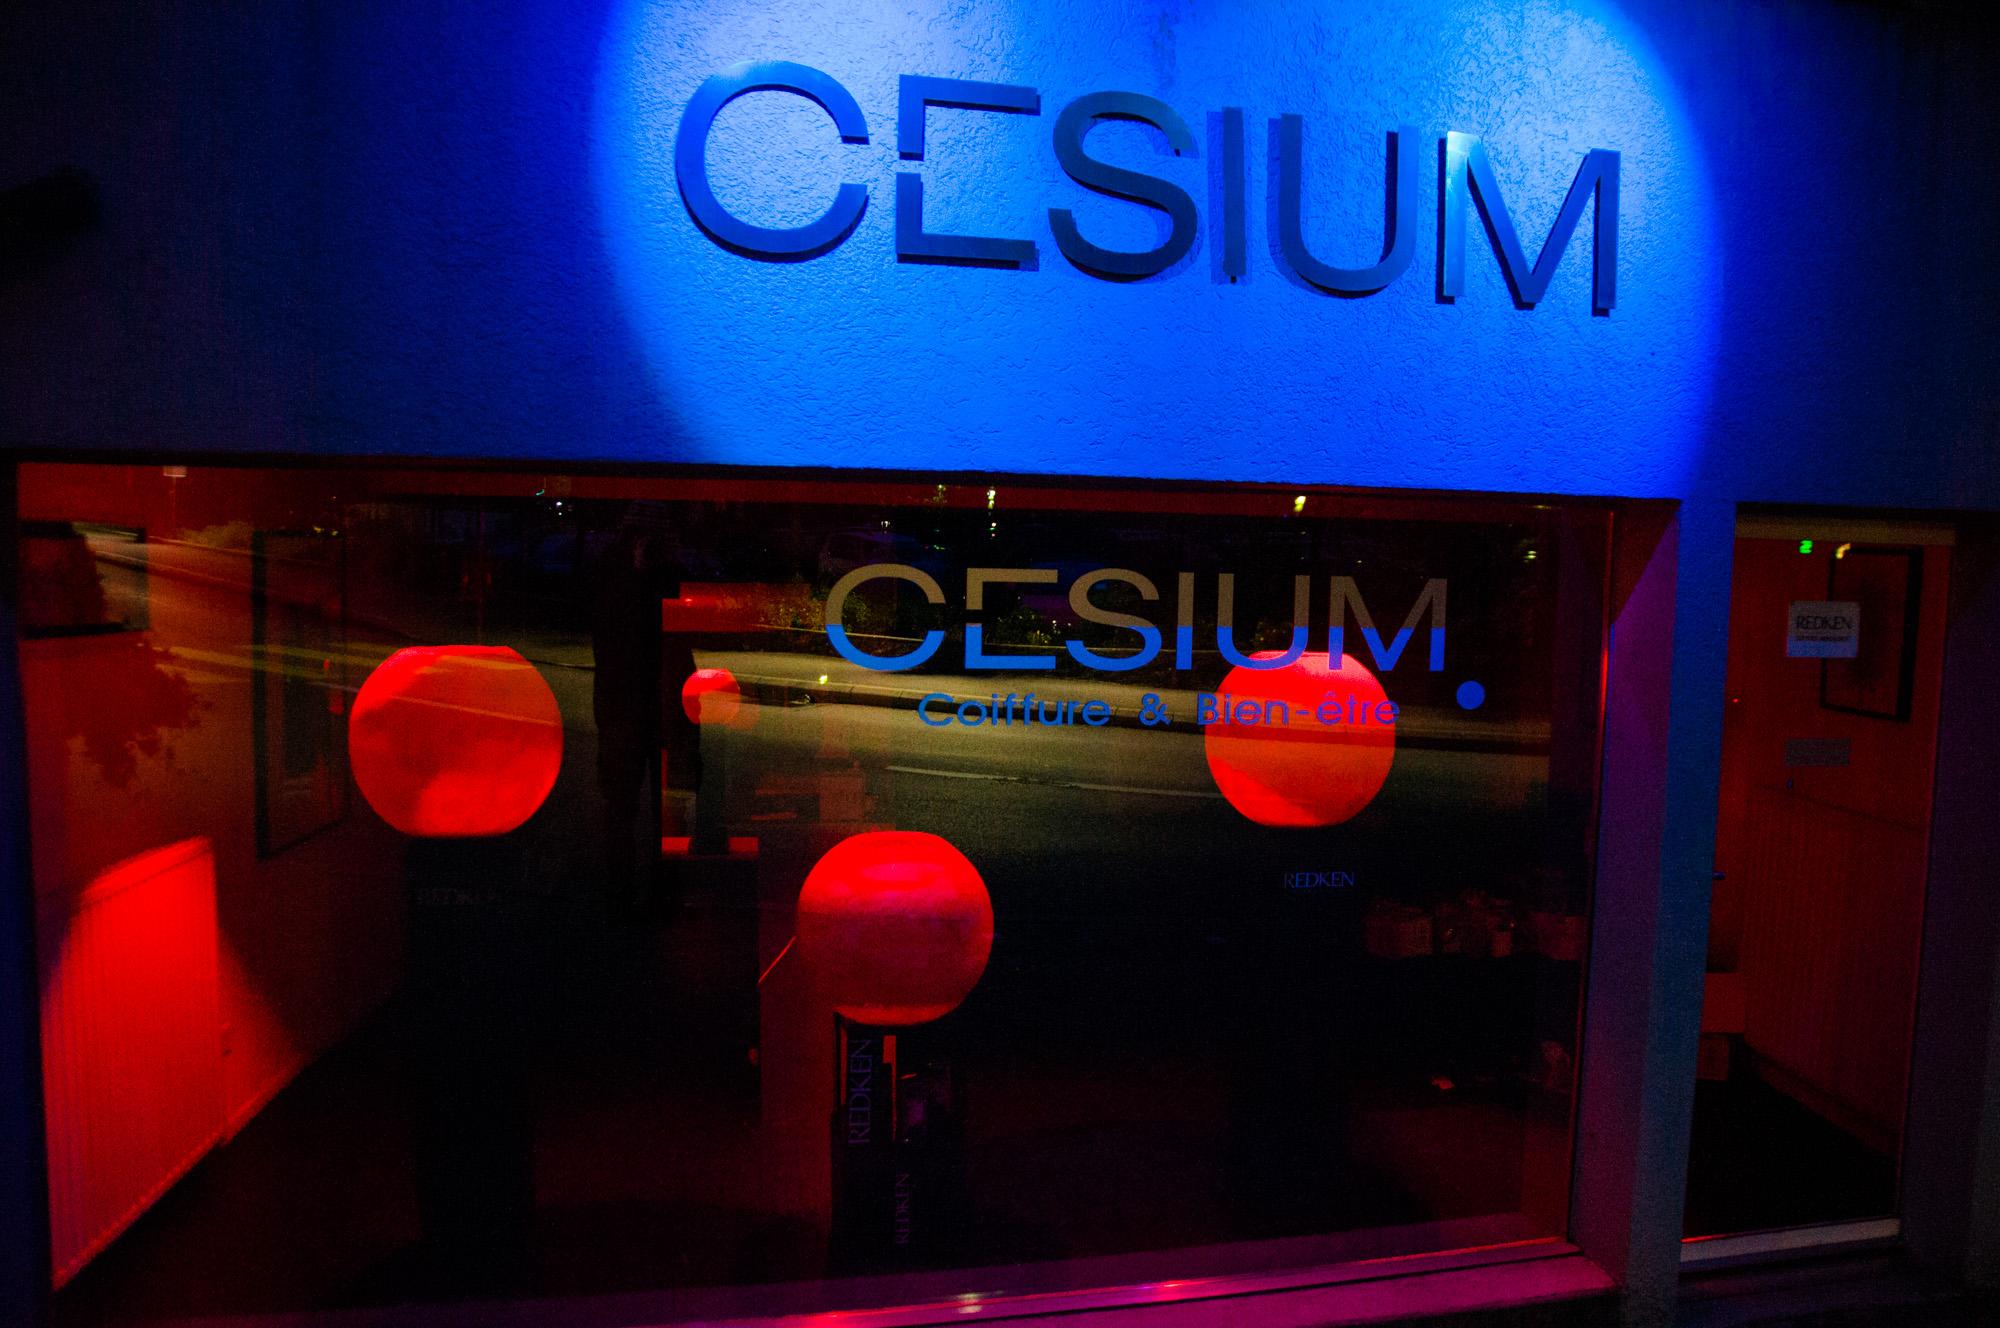 File Cesium Coiffure Bien Etre Lausanne 2015 05 21 11 49 30 By